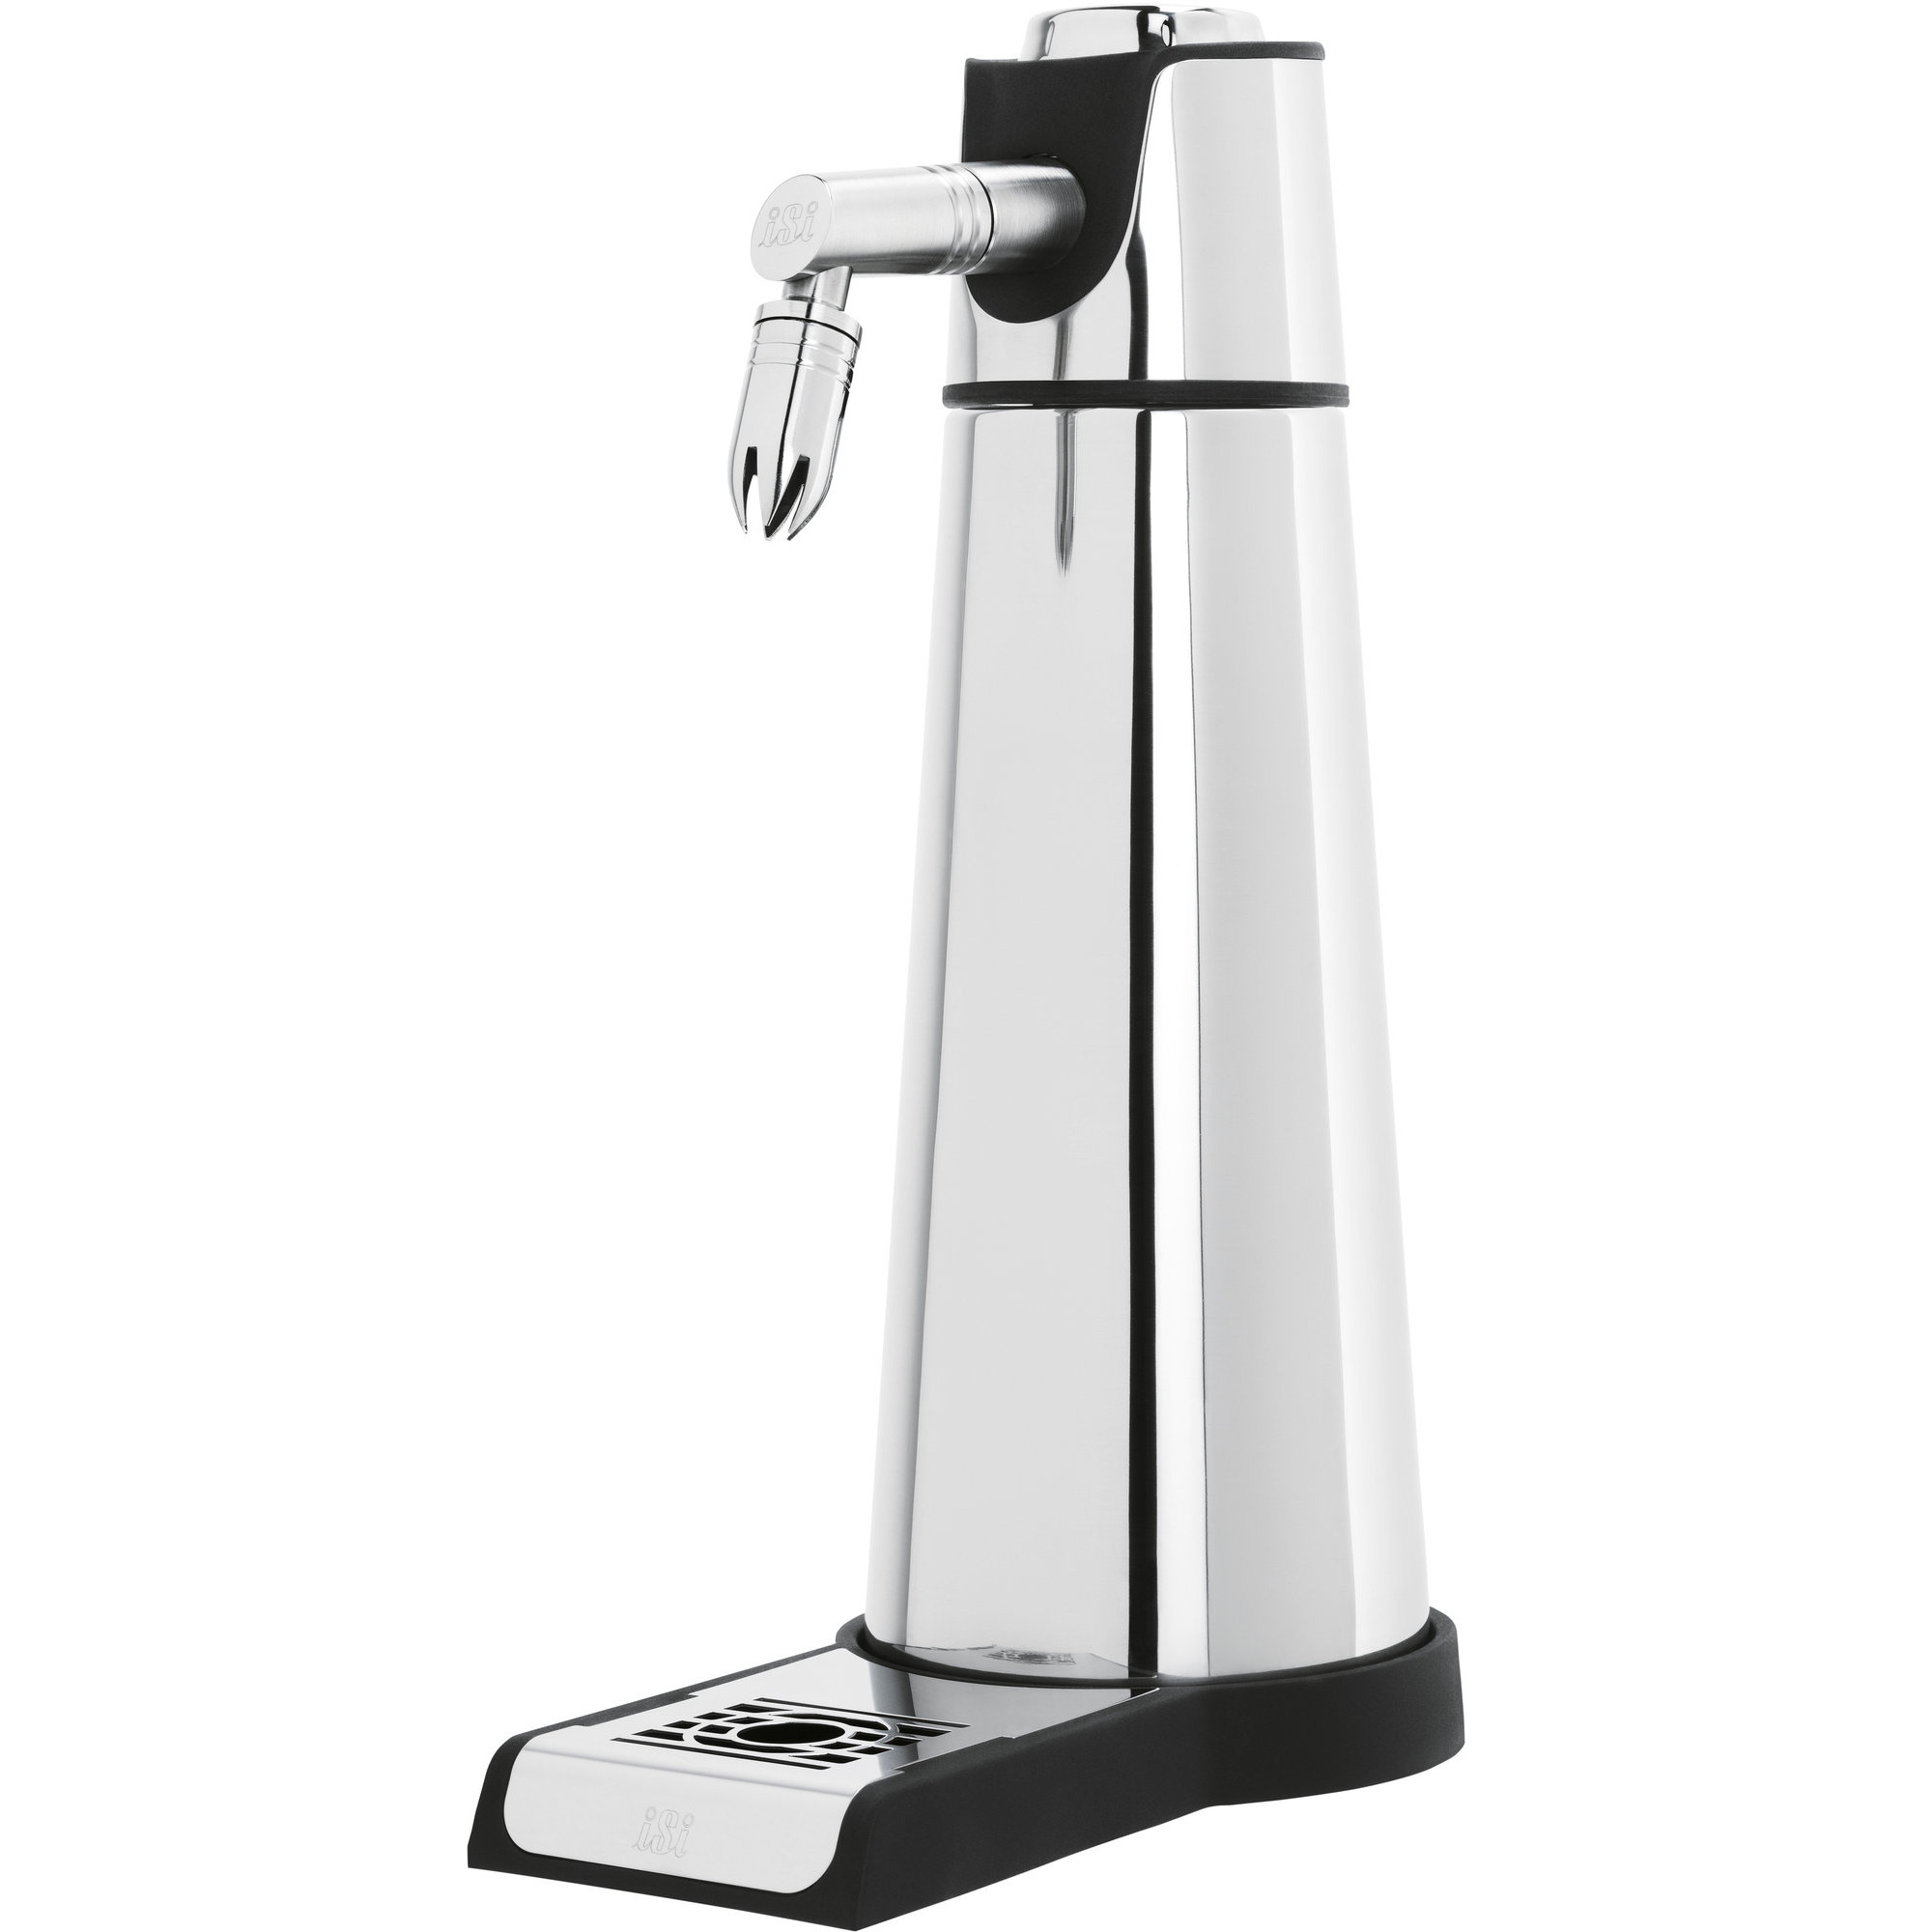 iSi Termo X-Press Sifon 1 Liter